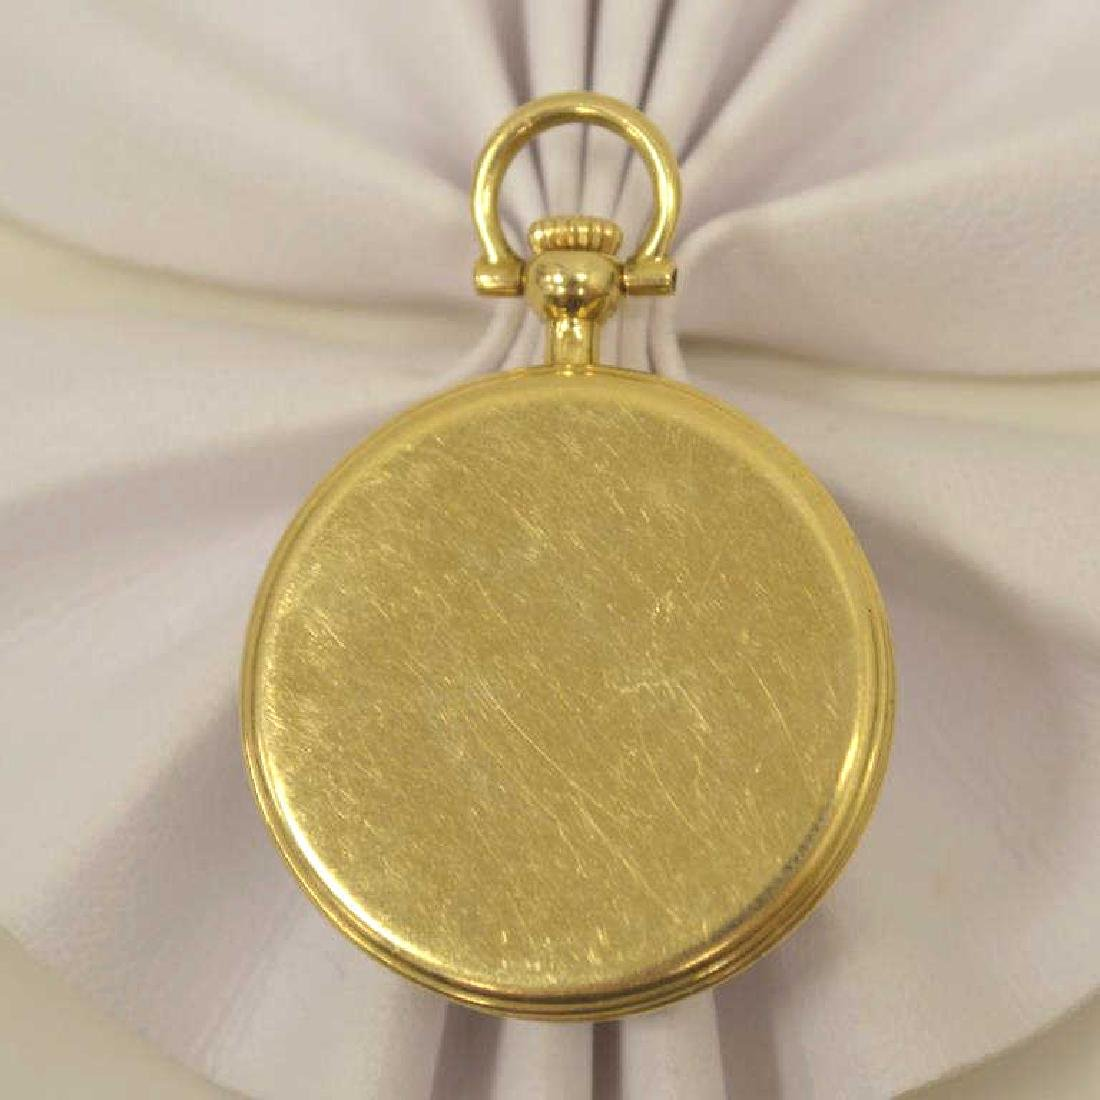 18kt yellow gold Chopard pocket watch - 2